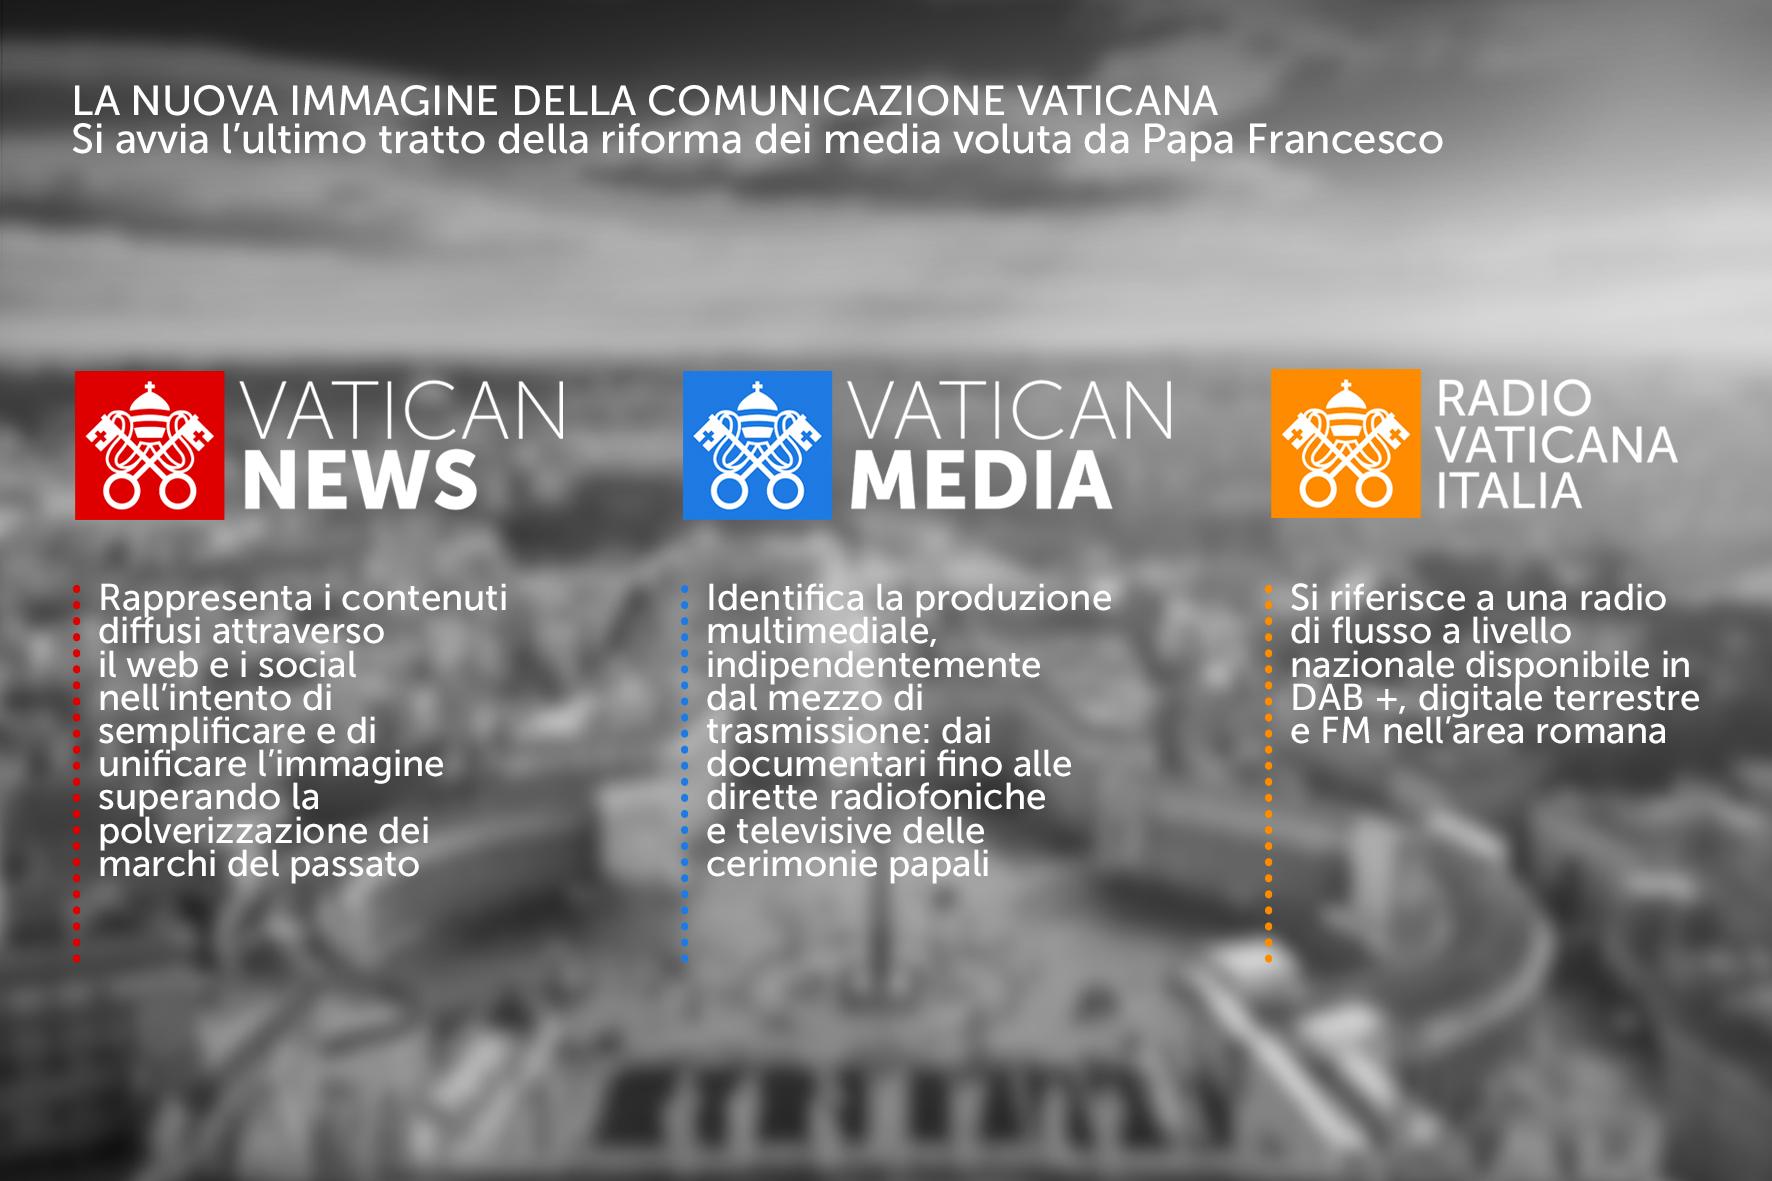 Comunicazione Vaticana - Radio, Tv, Web, Editoria. La Santa Sede punta su multipiattaforma e integrazione dei media